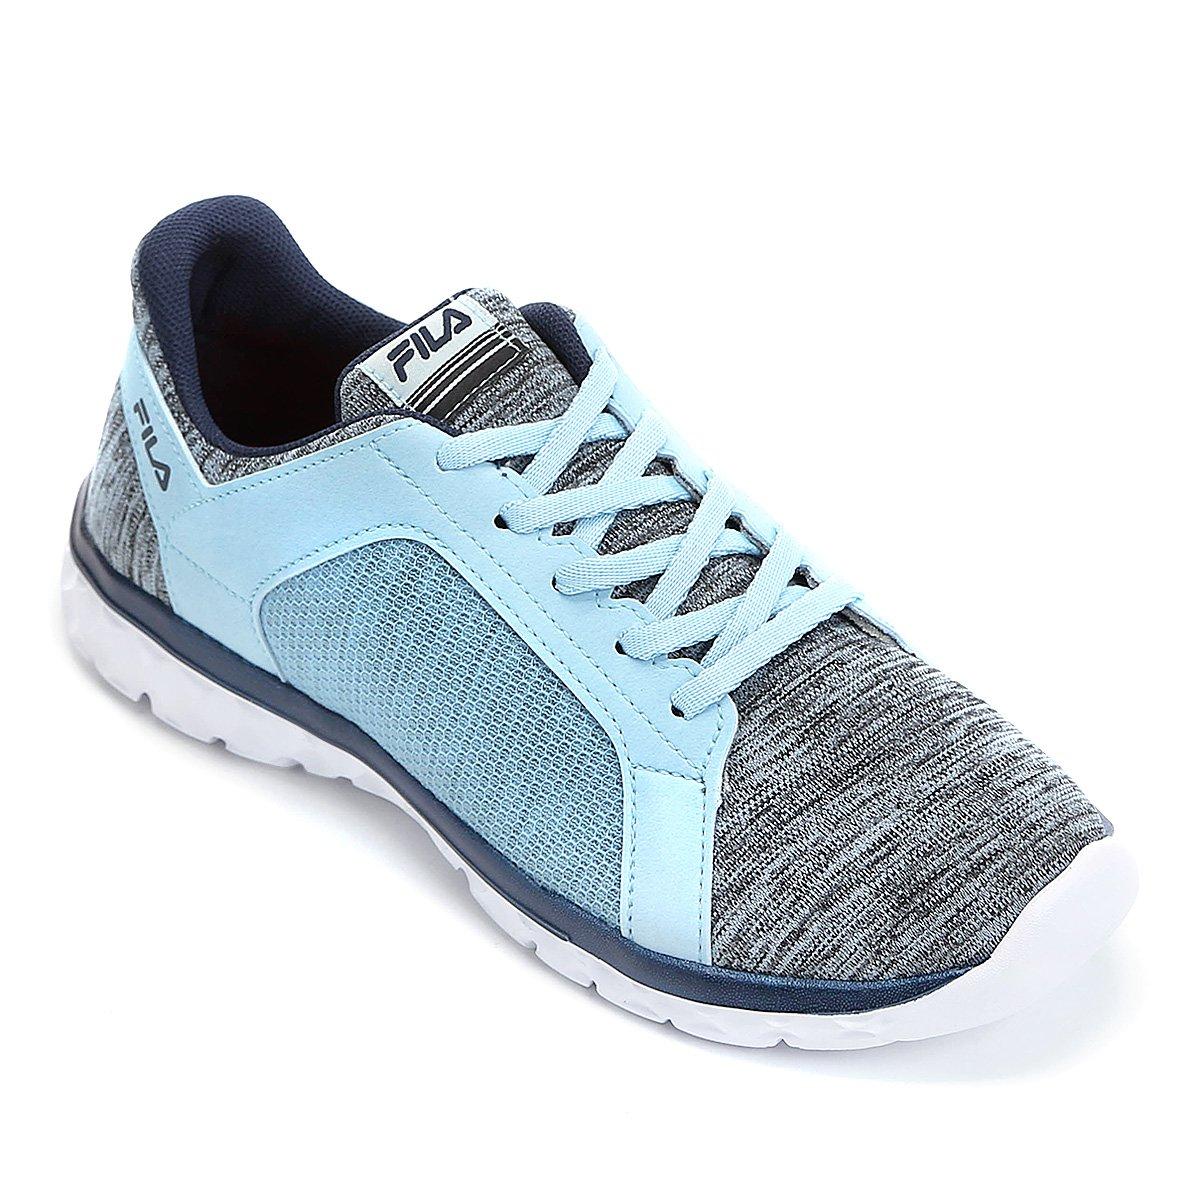 7642462c35d Tênis Fila Lightstep Comfort Feminino - Azul Claro e Branco - Compre Agora